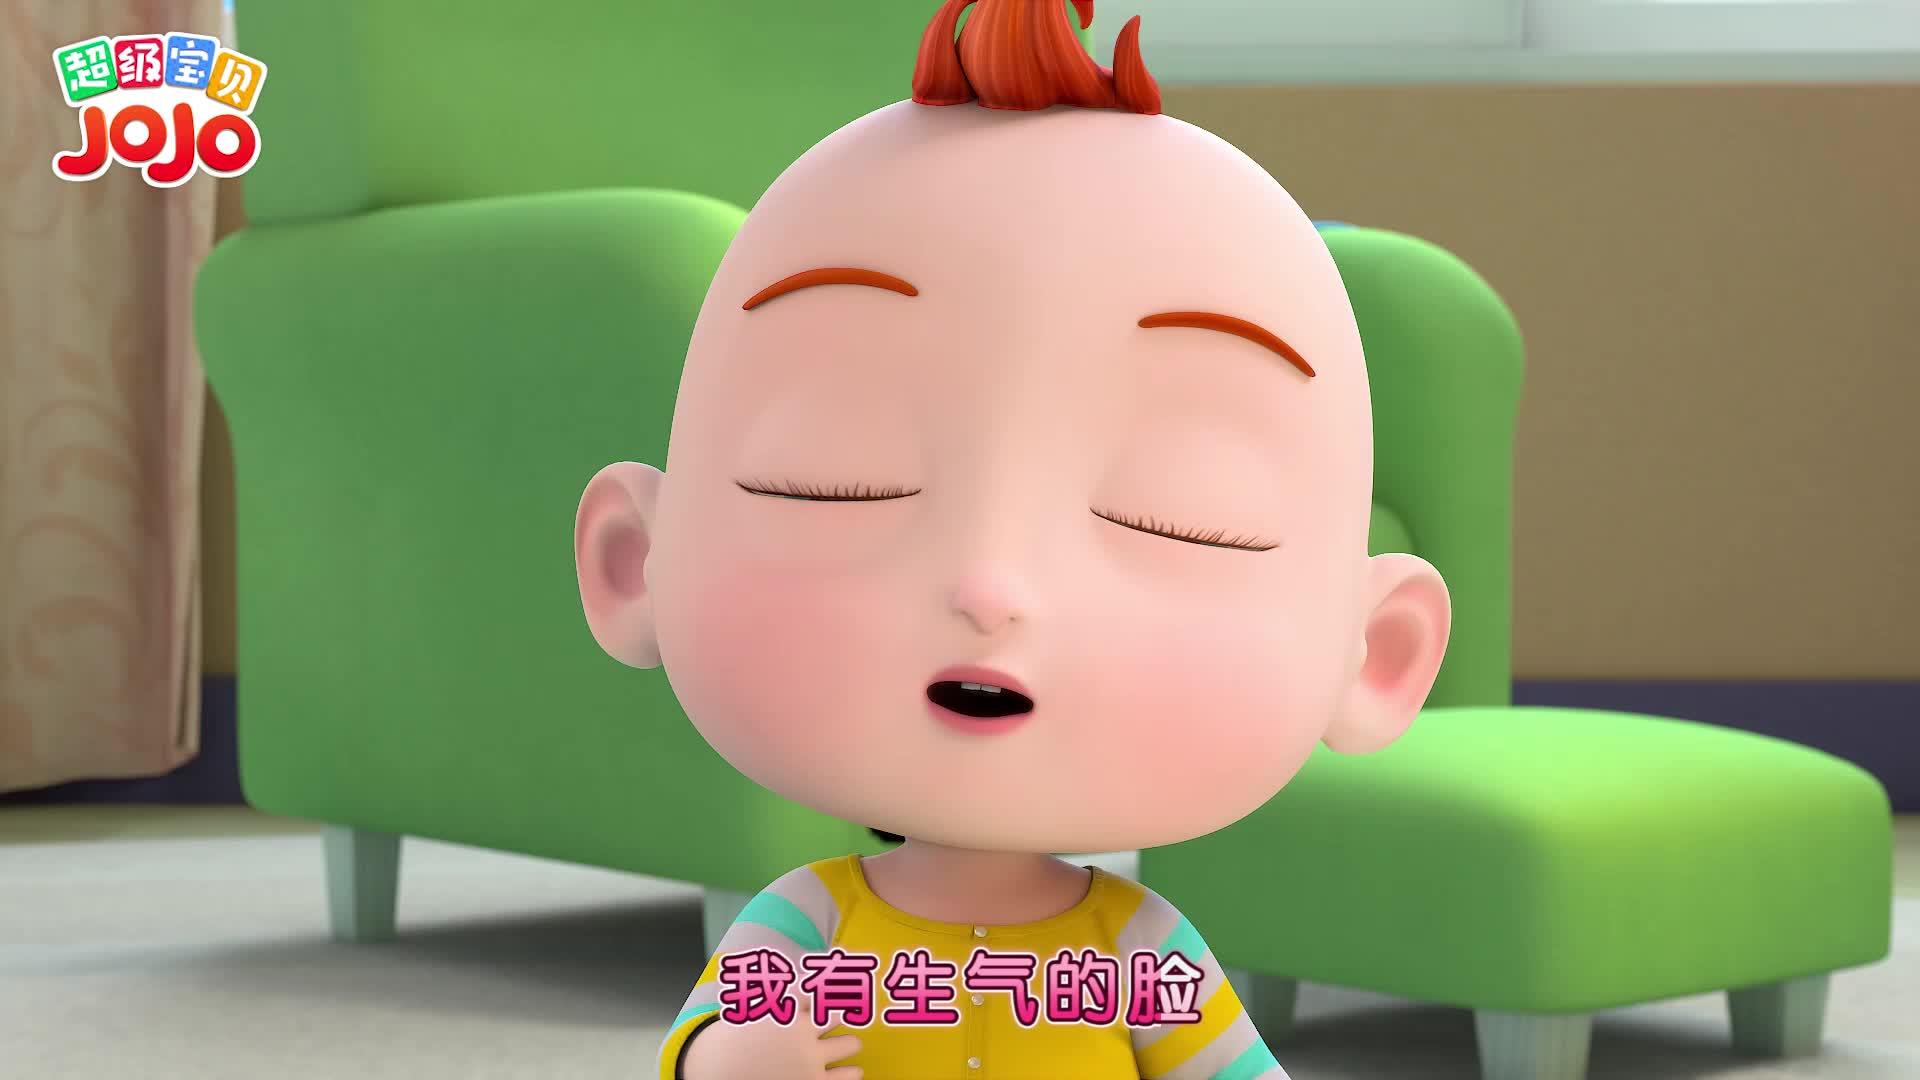 超级宝贝JOJO 第29集 我的表情